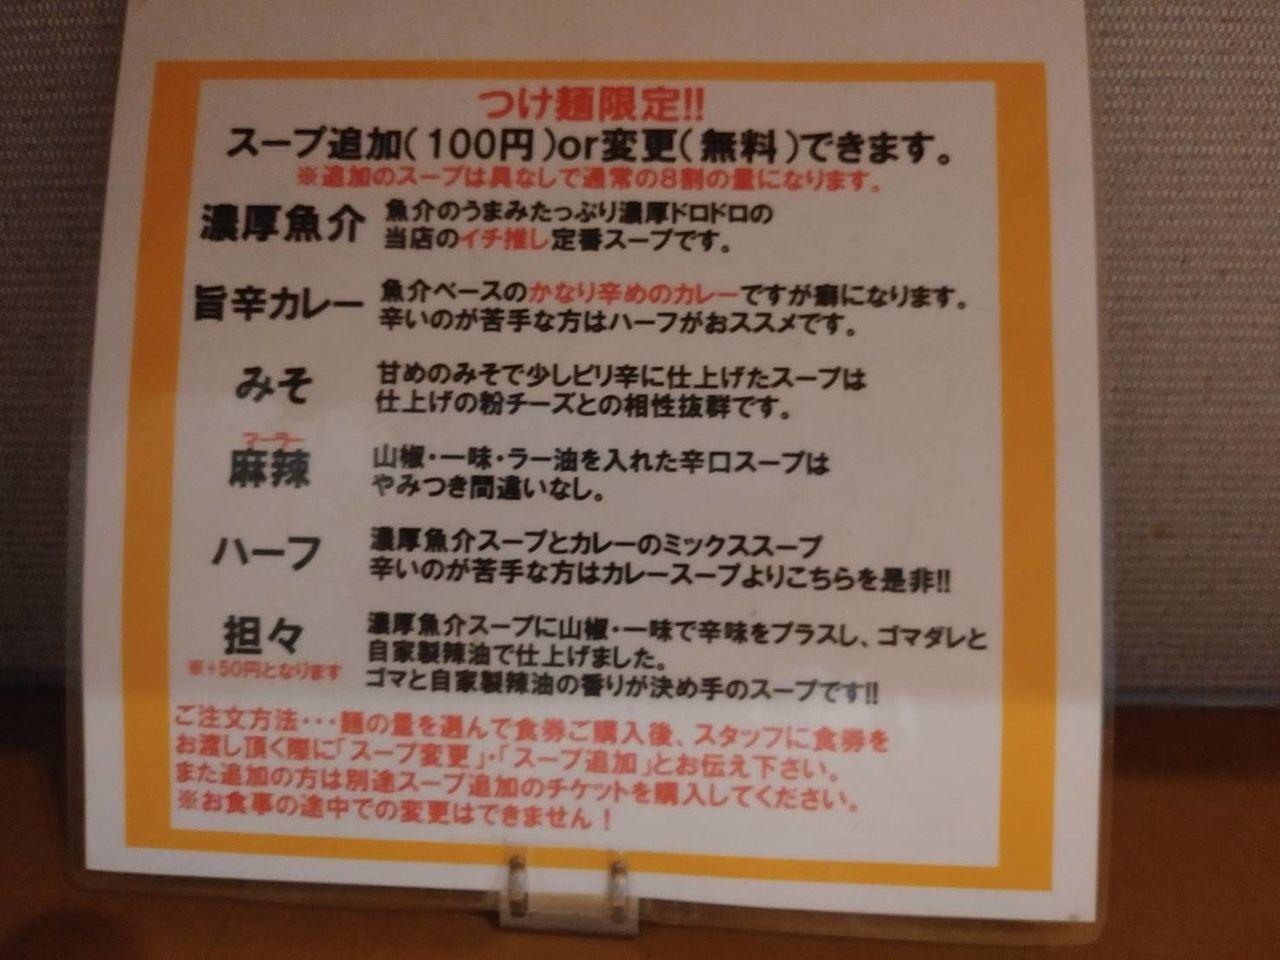 つけ麵に限り、スープ追加(100円)、スープ変更(無料)ができるサービスあり。